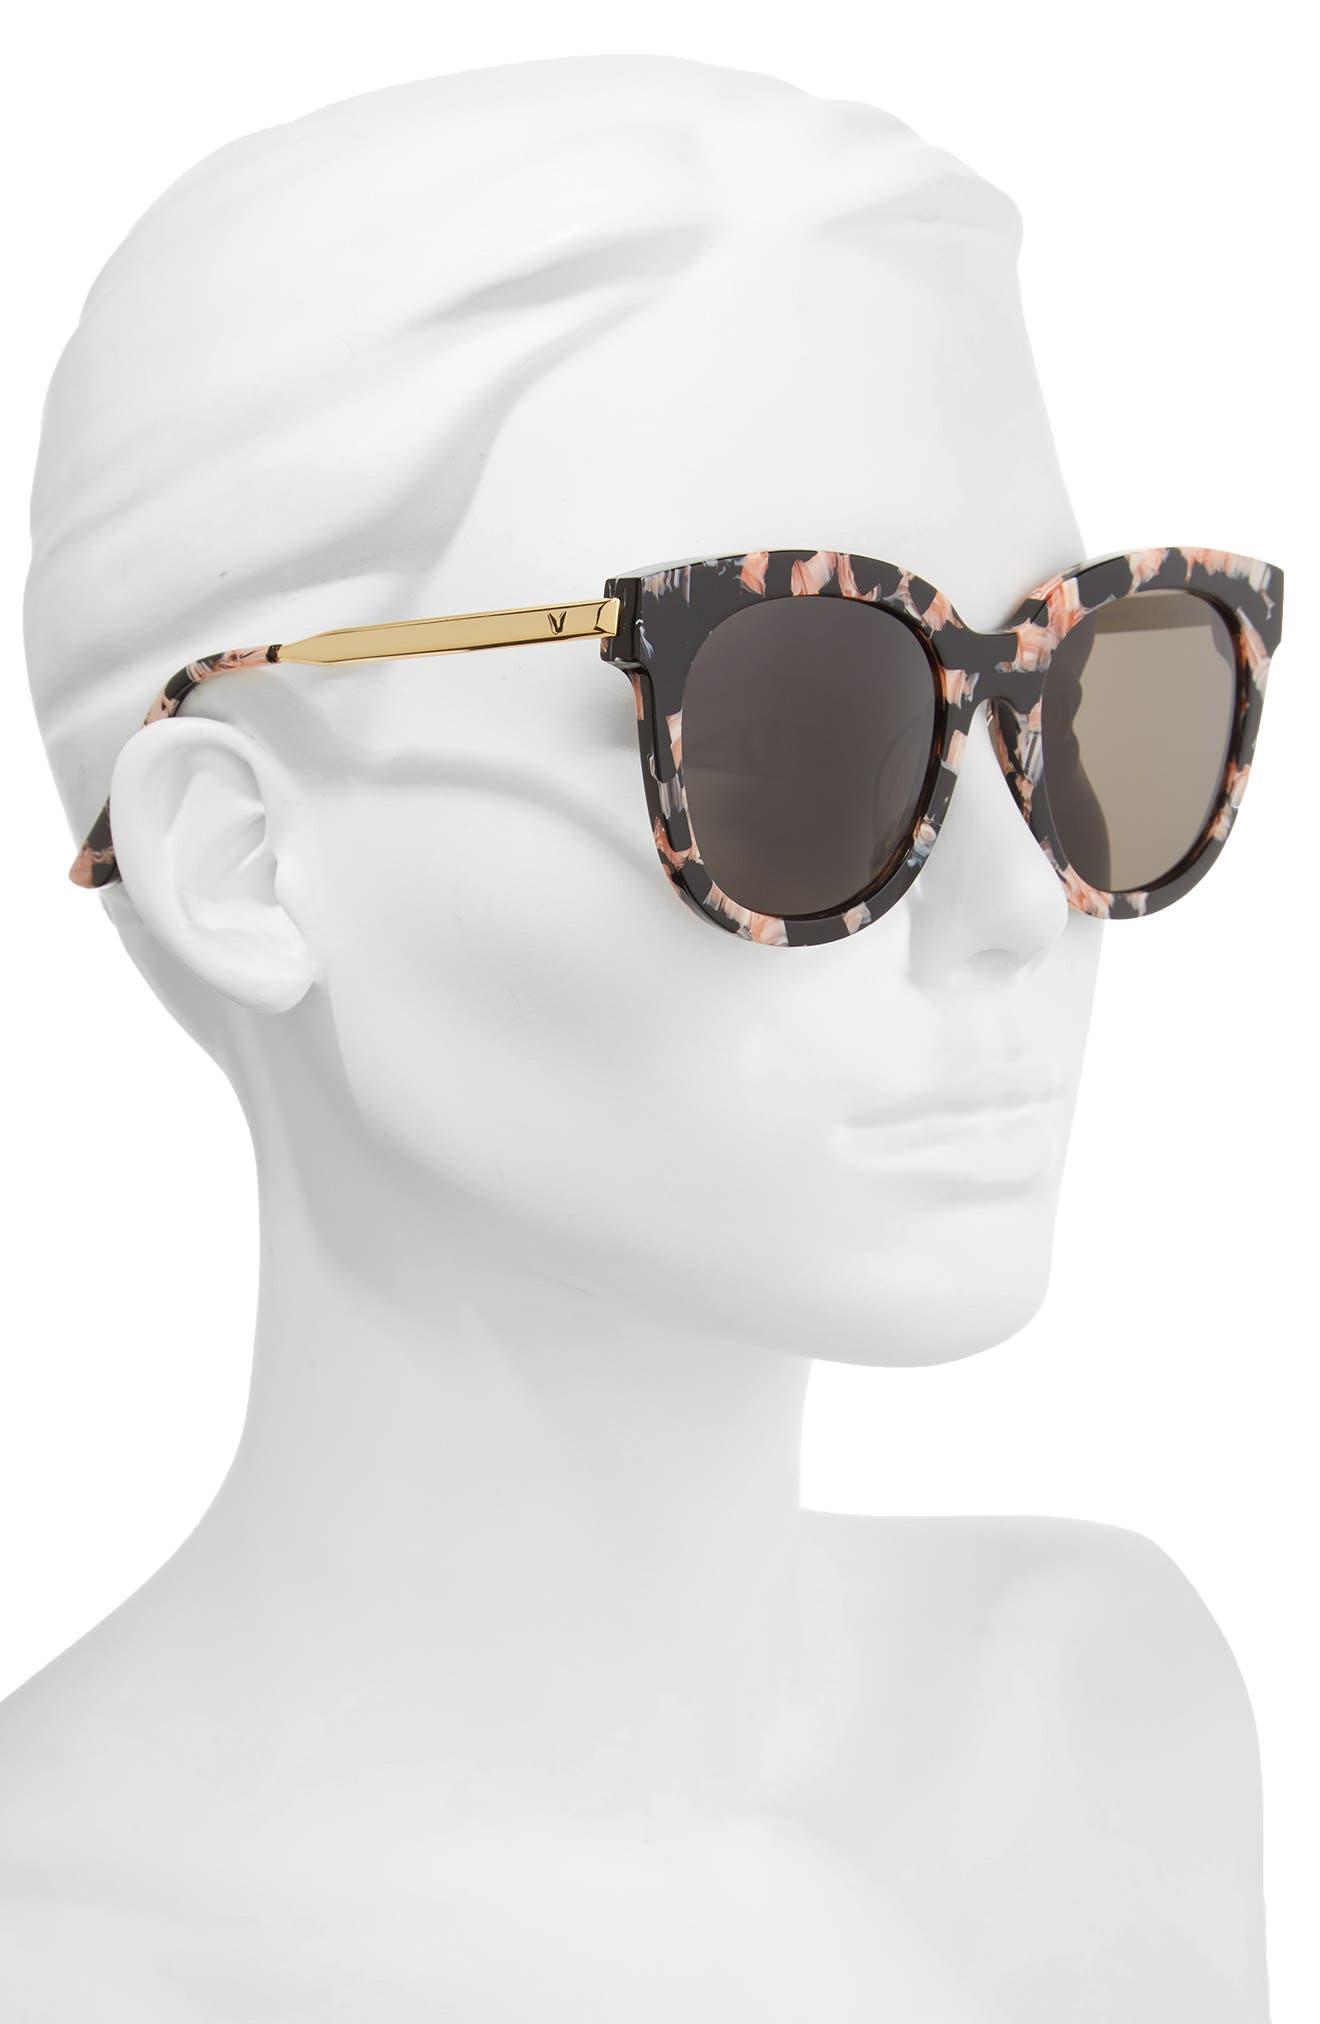 Cuba 503 55mm Zeiss Lens Sunglasses,                             Alternate thumbnail 2, color,                             Purple/ Gold